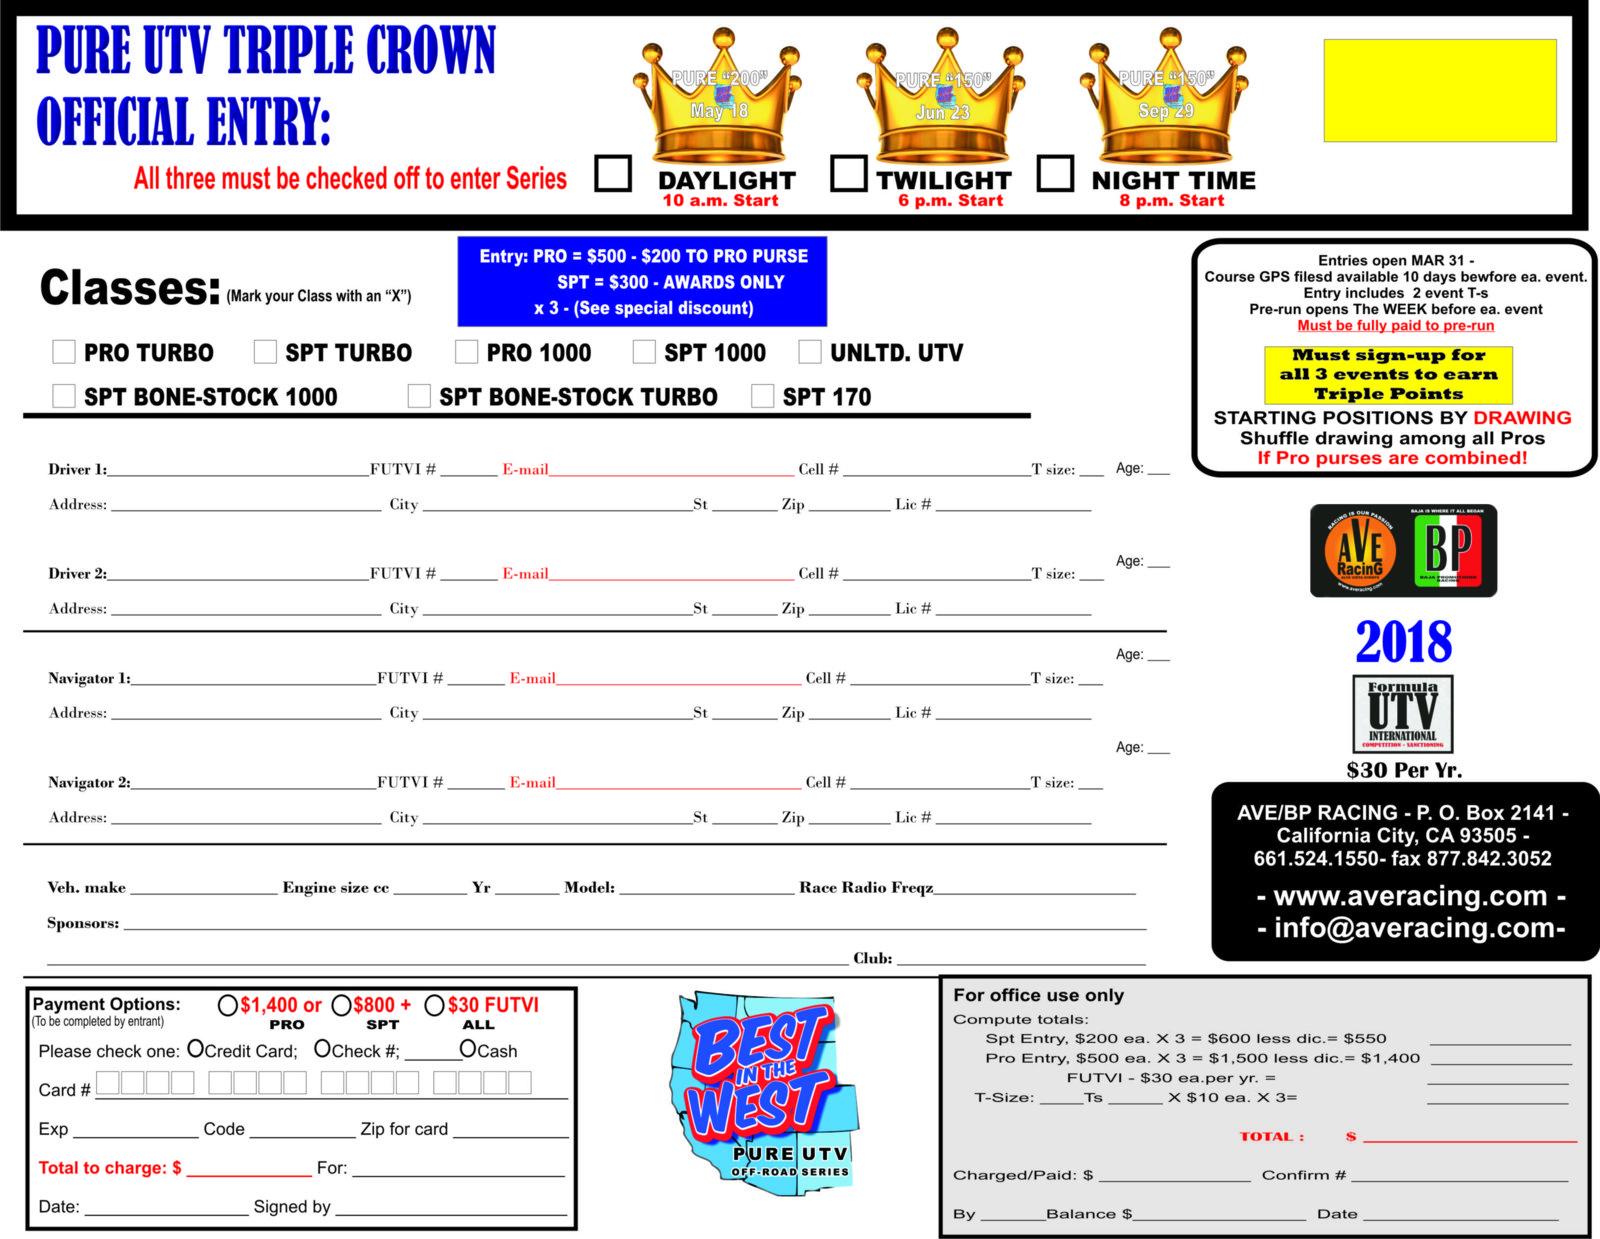 18-PURE-UTV-TRIPLE-Entry-3--Mar4.jpg